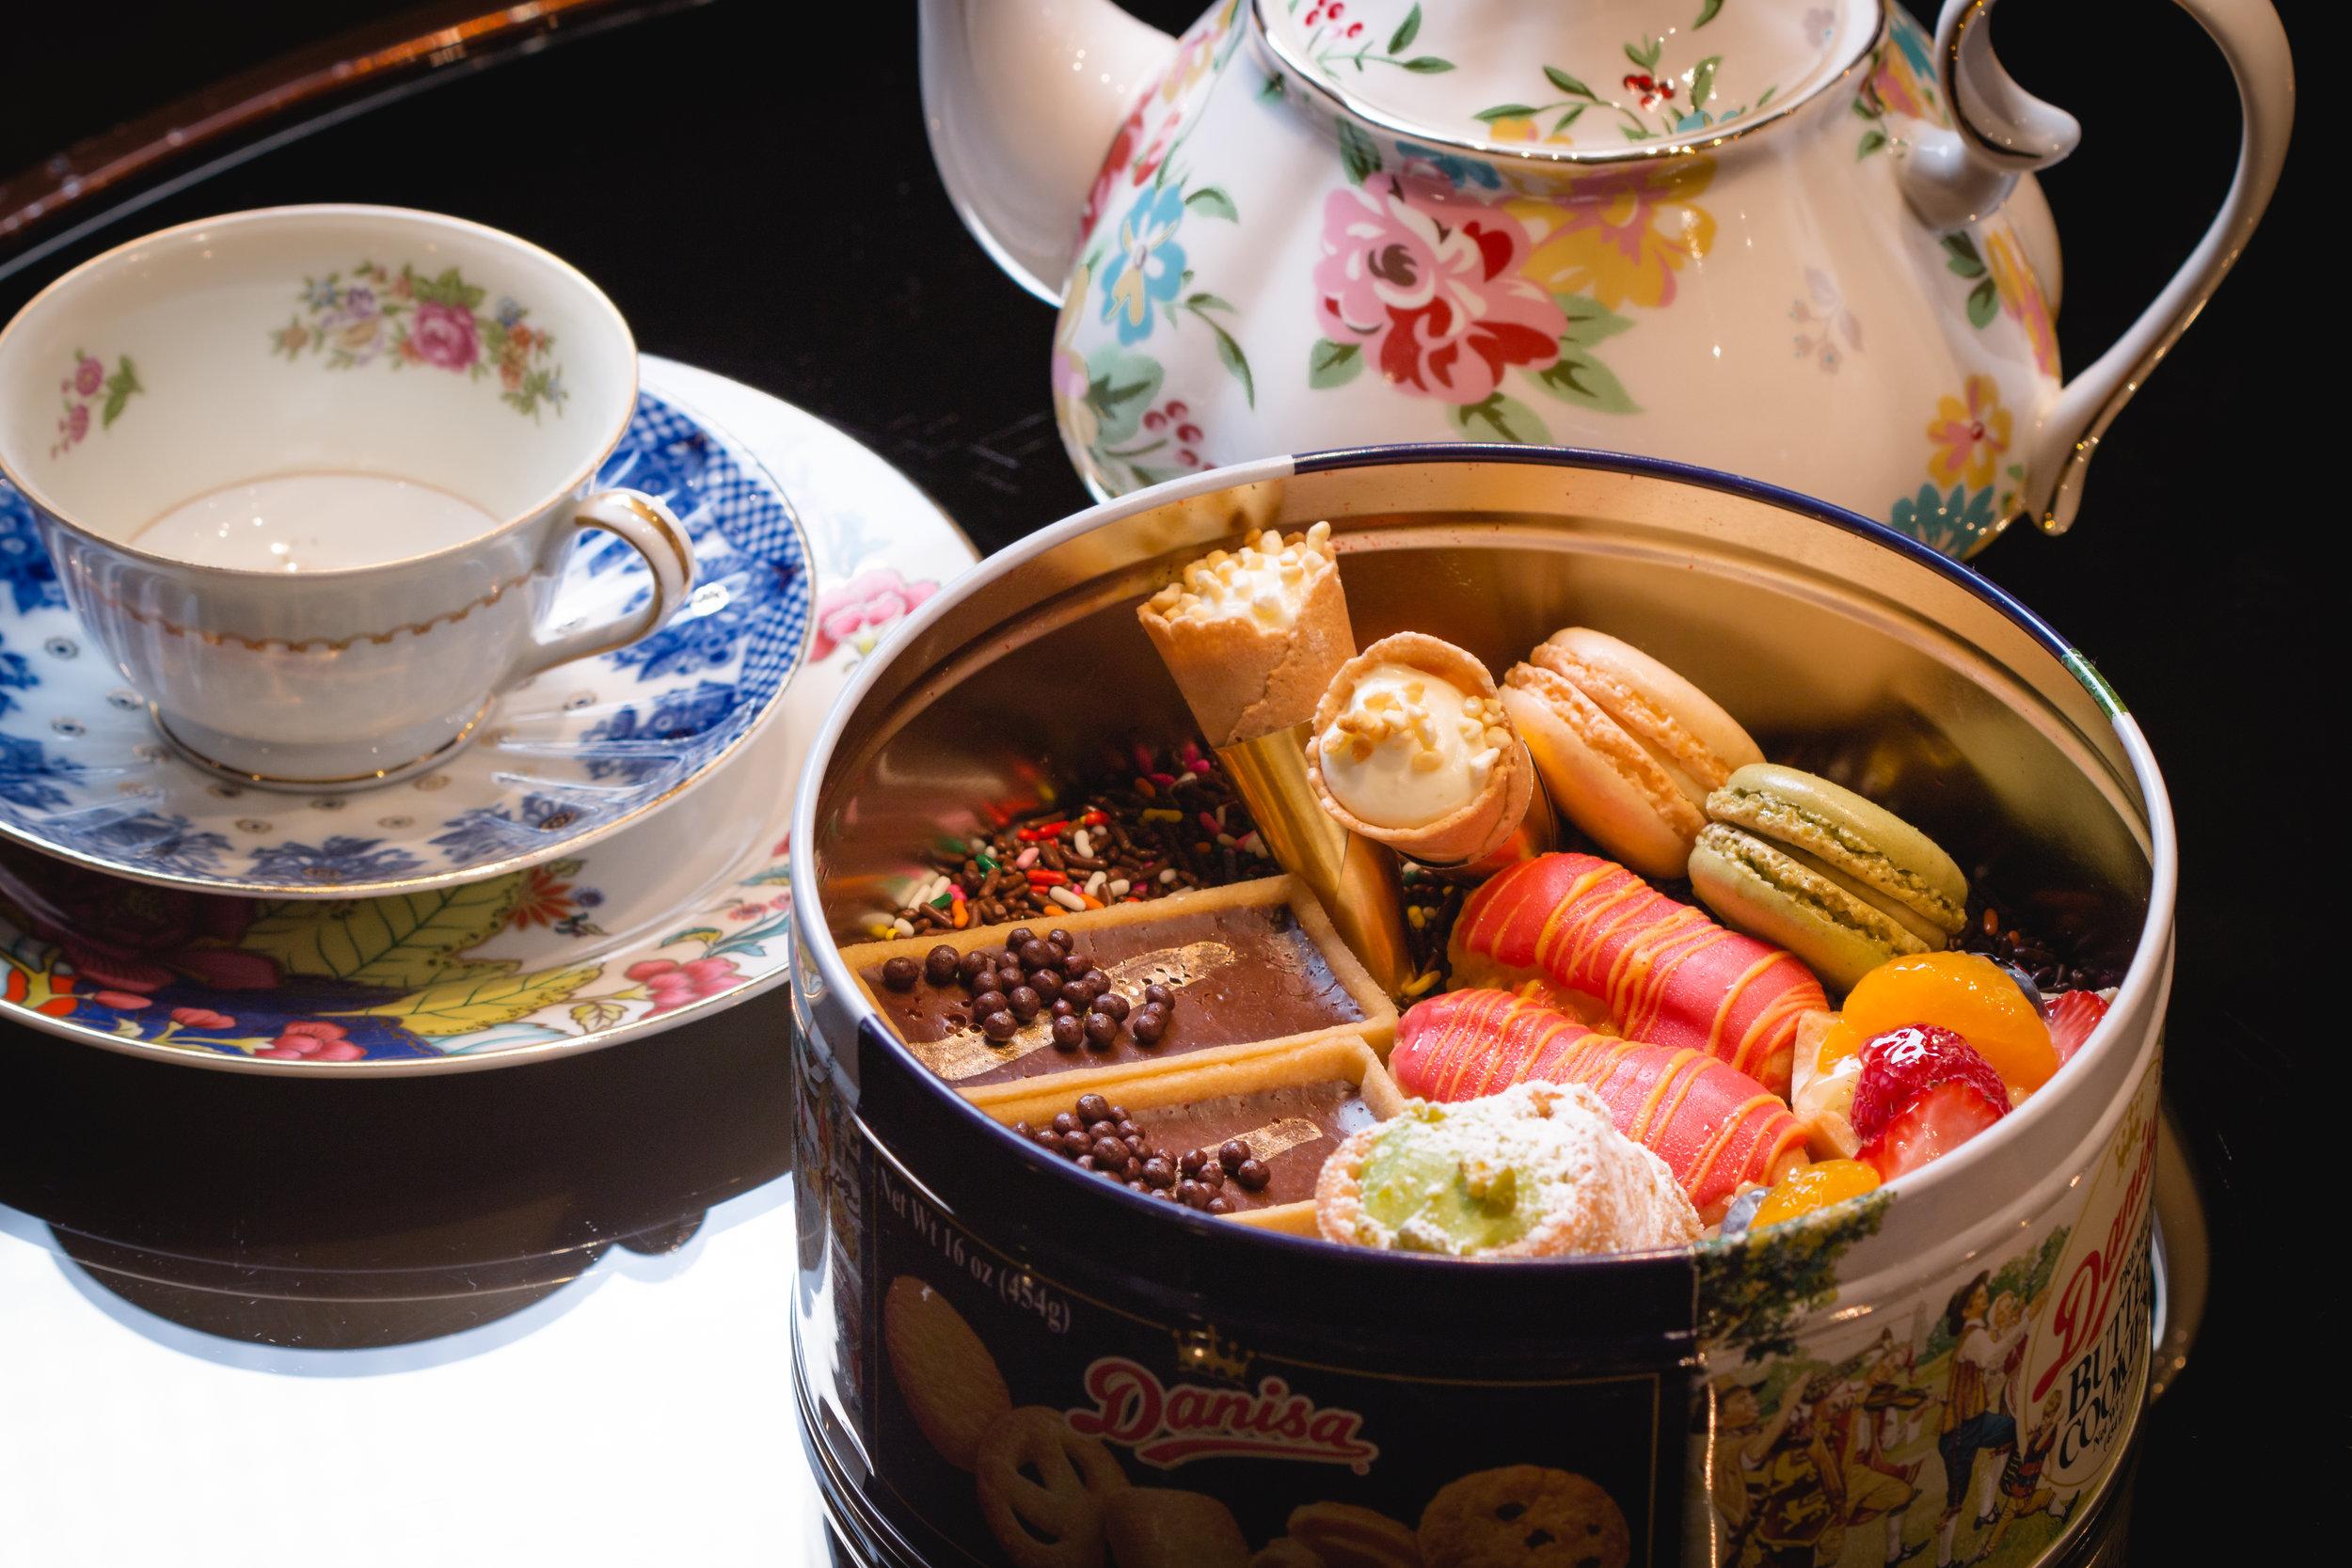 tipsy tea camby-19.jpg